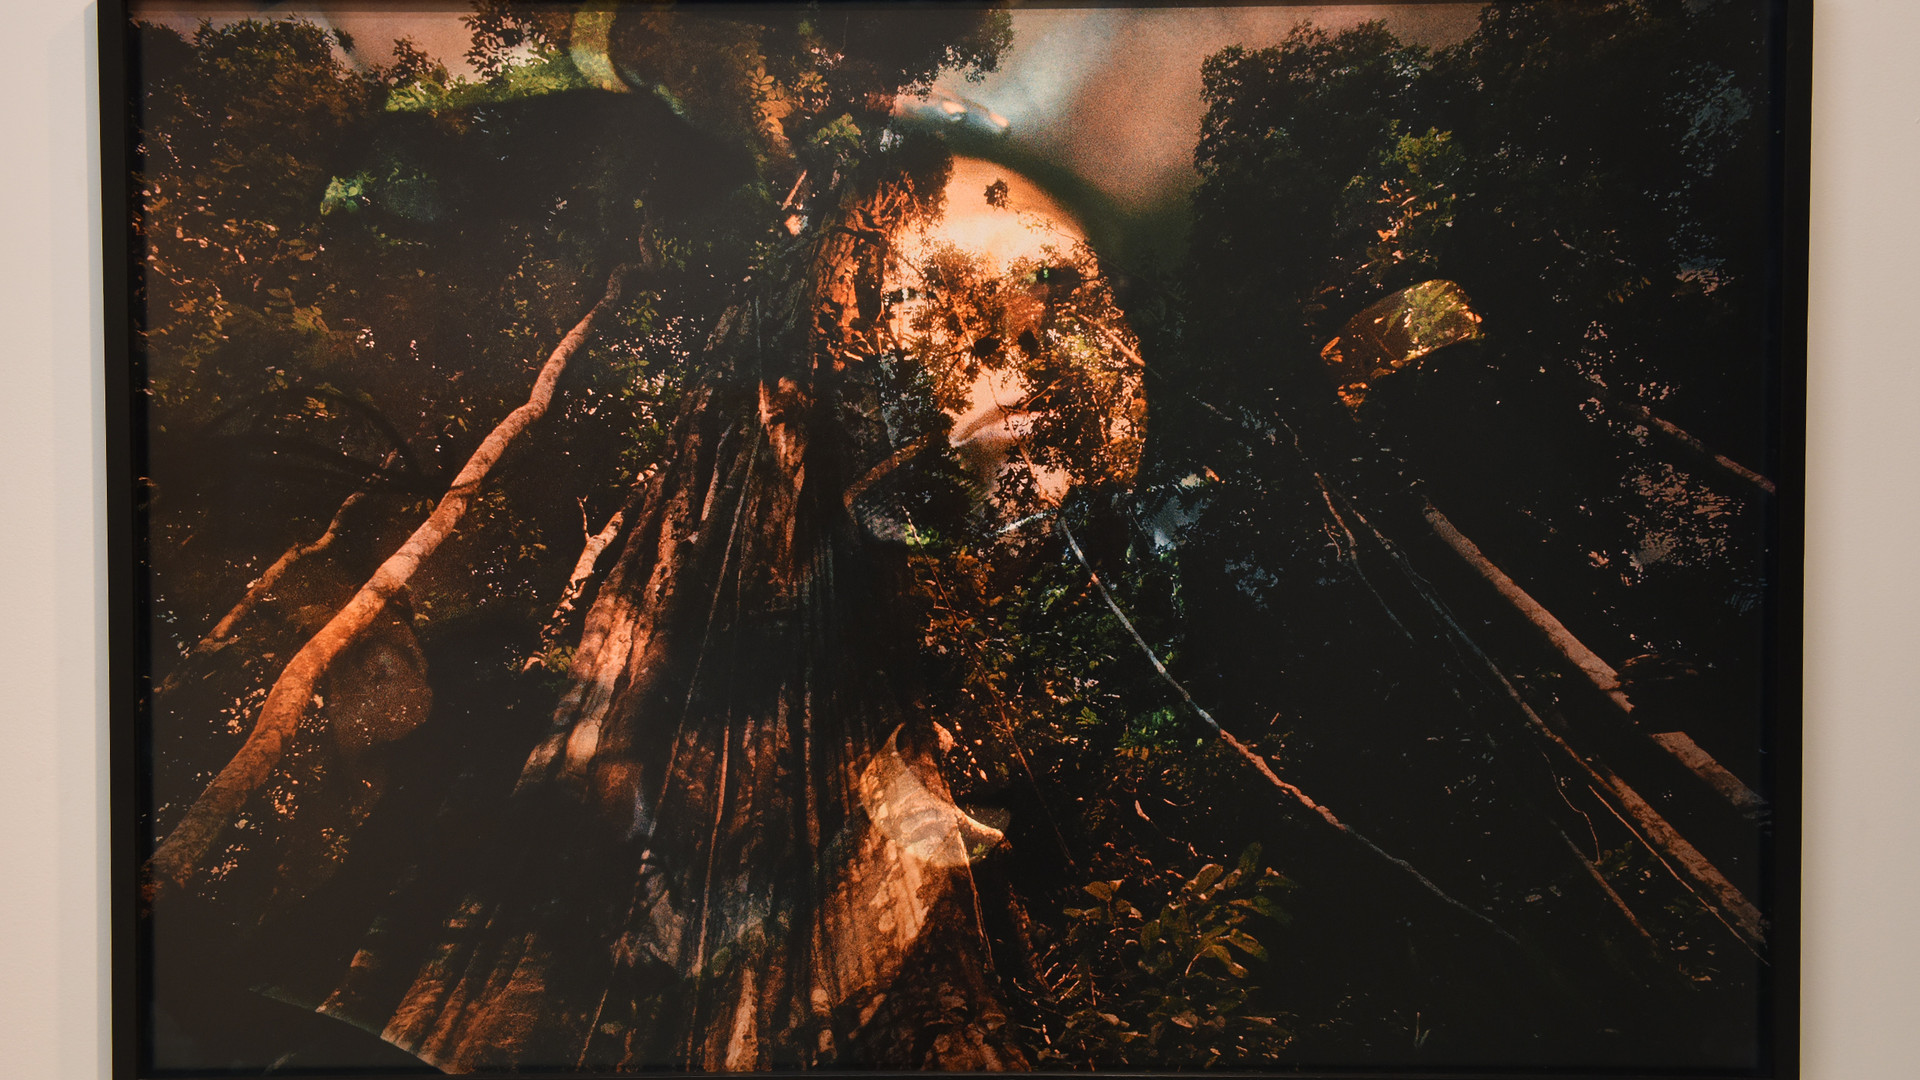 CLAUDIA ANDUJAR Floresta Amazônica, Pará (Série Sonho Yanomani) | 1971 Fotografia impressão com tinta pigmentada mineral sobre papel Canson BFK Rives 310 gr 66 x 99 cm Coleção particular